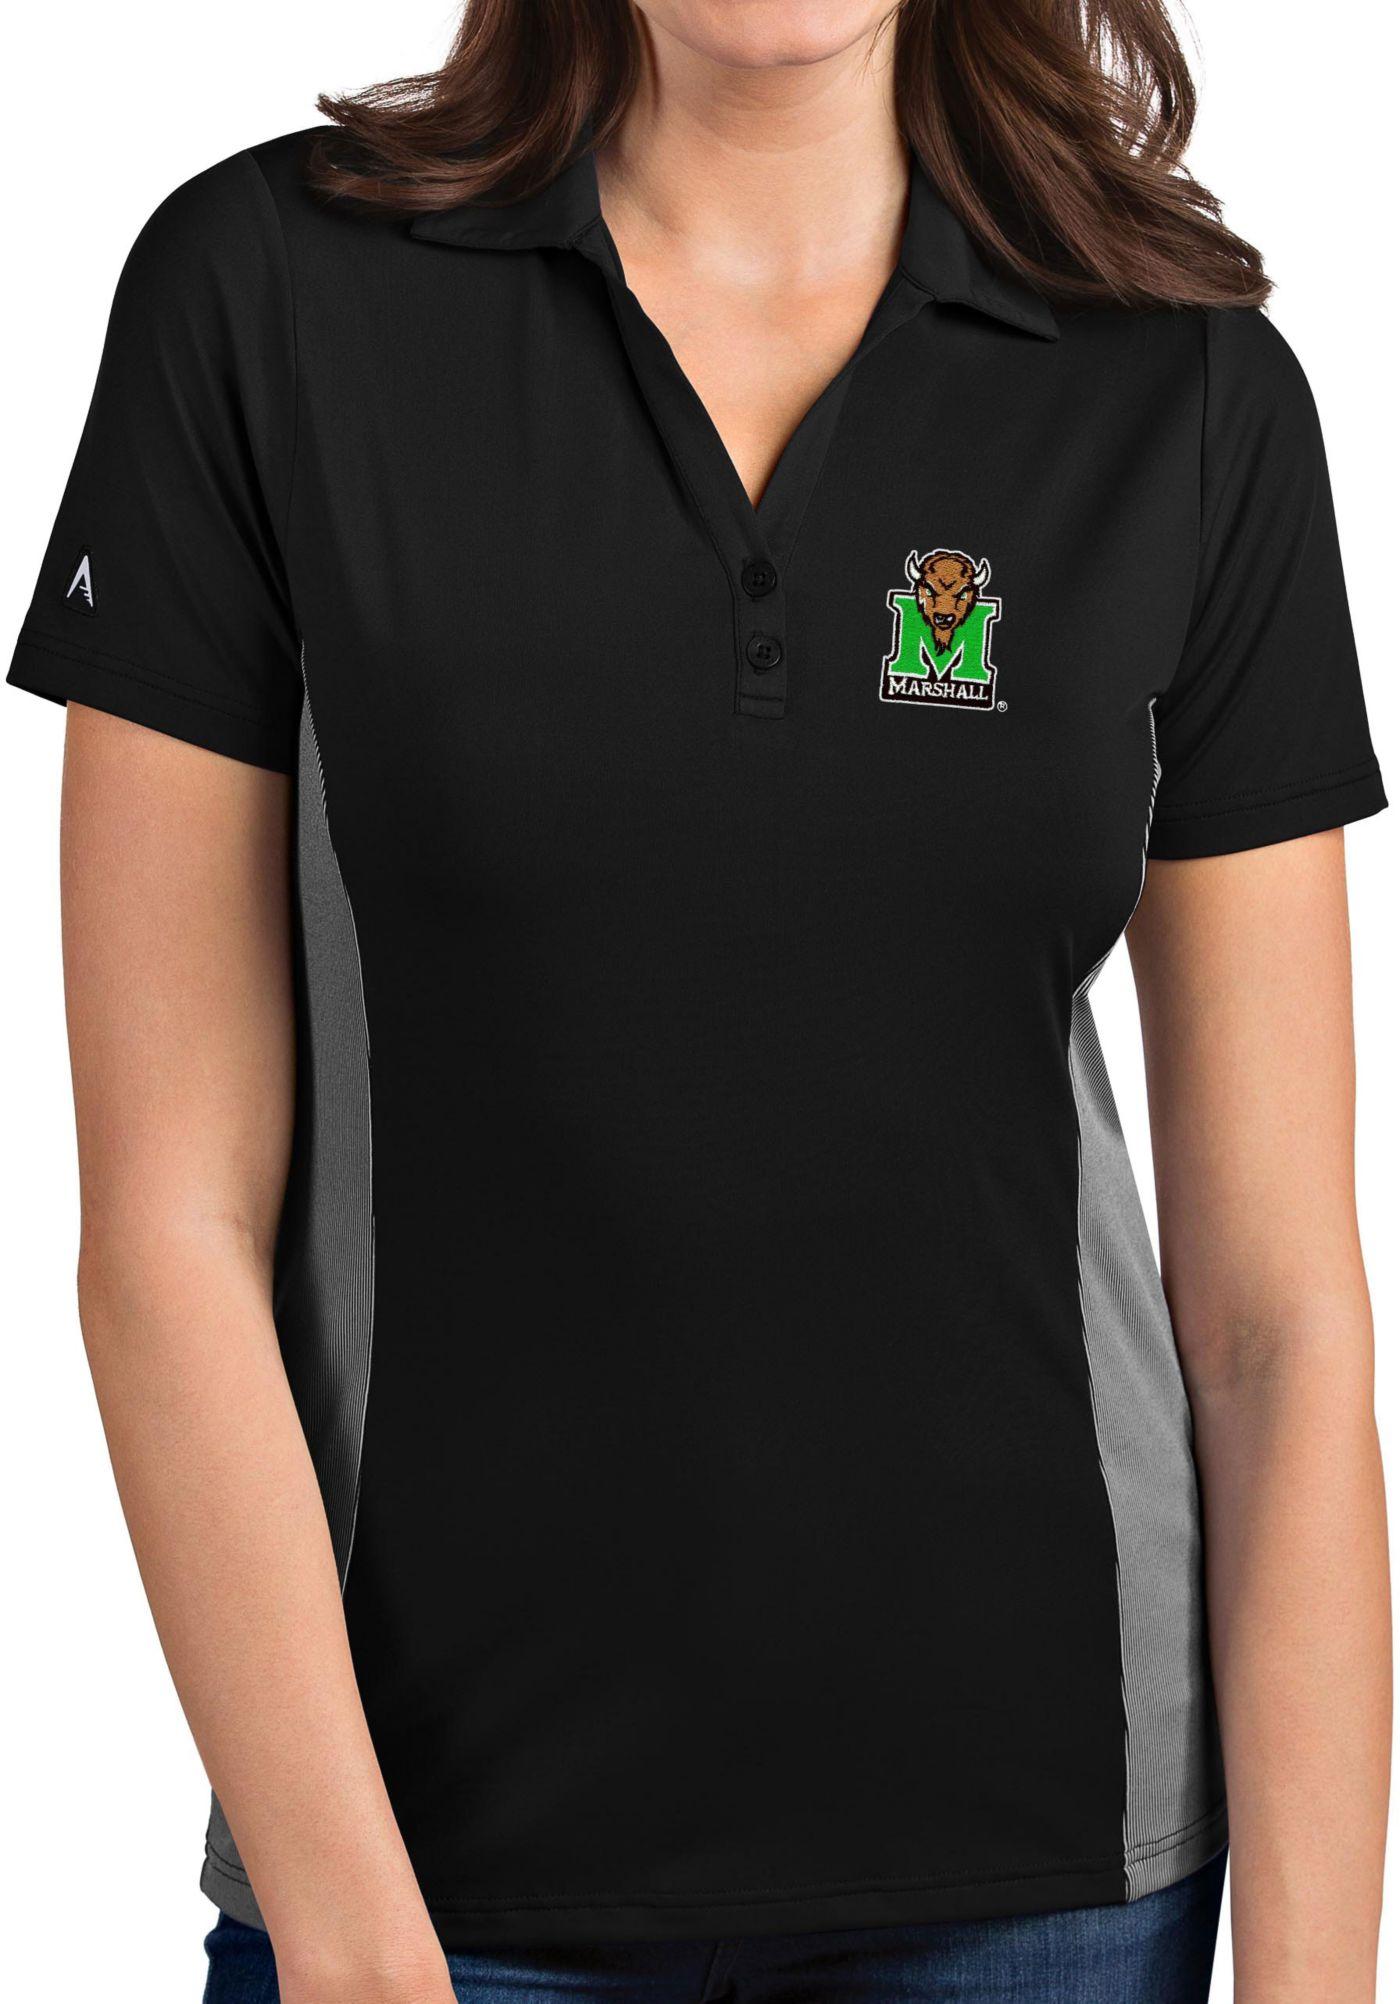 Antigua Women's Marshall Thundering Herd Venture Black Polo